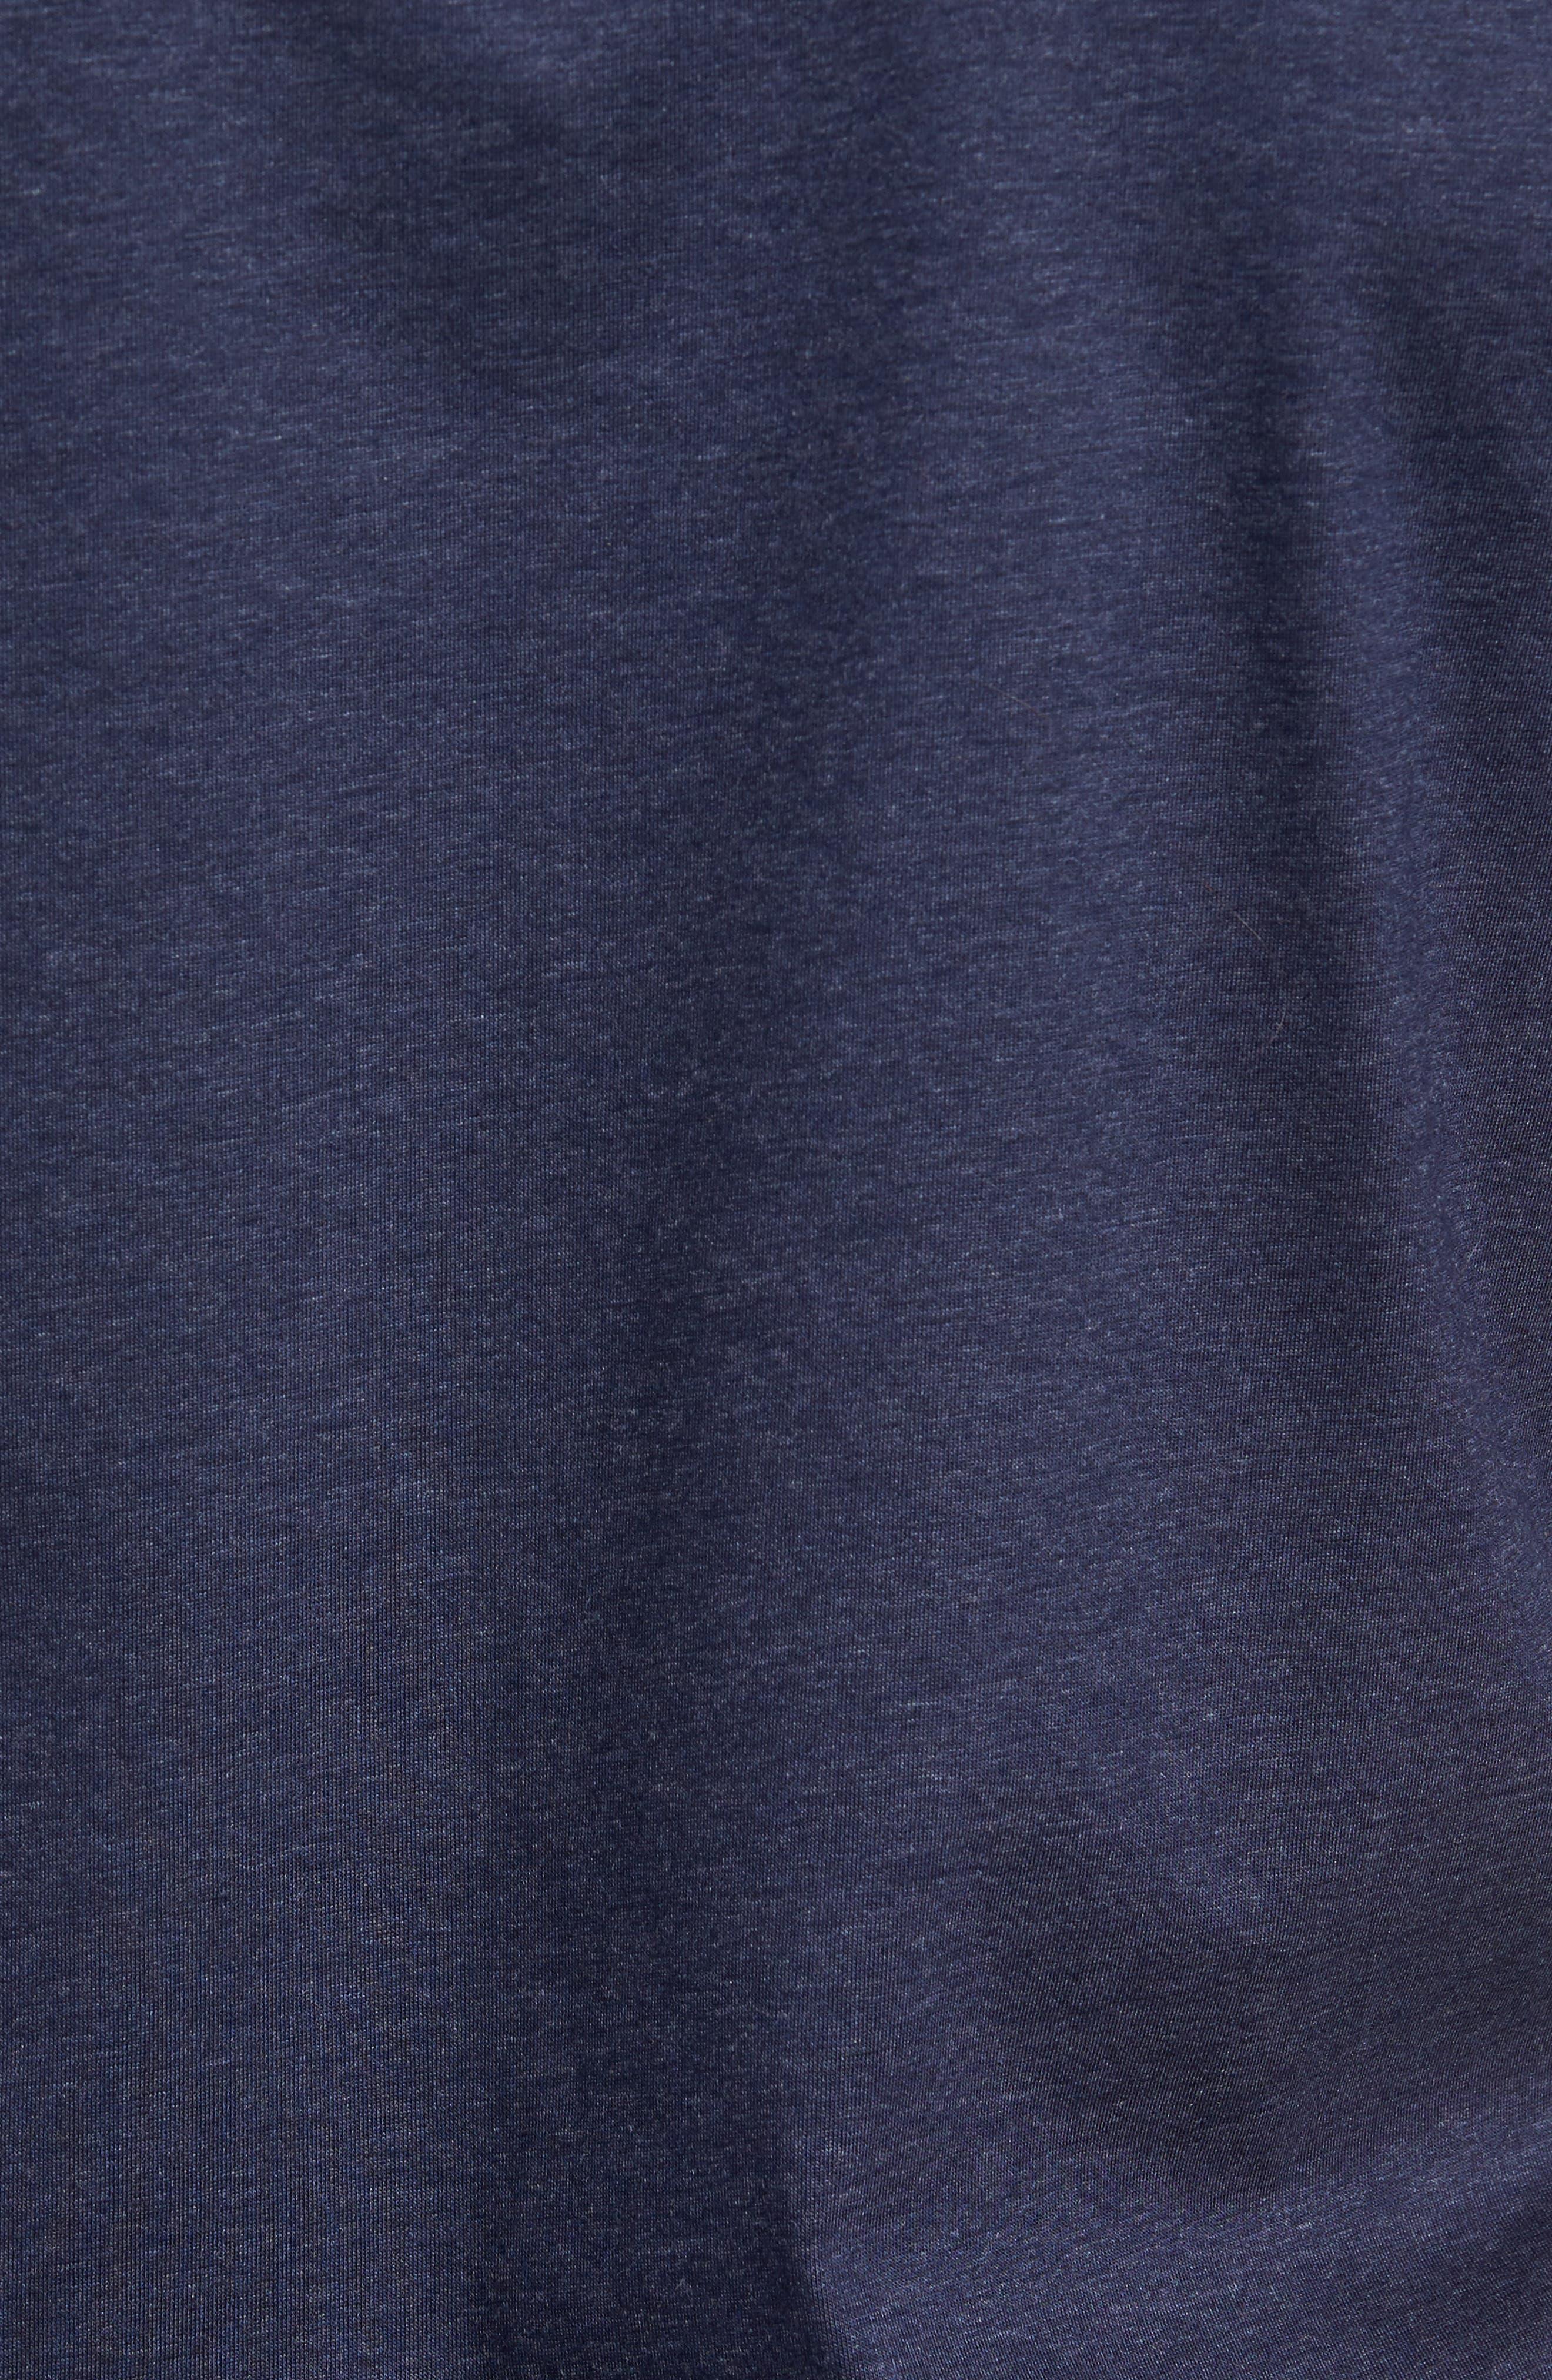 Teal Slim Fit V-Neck T-Shirt,                             Alternate thumbnail 5, color,                             Blue